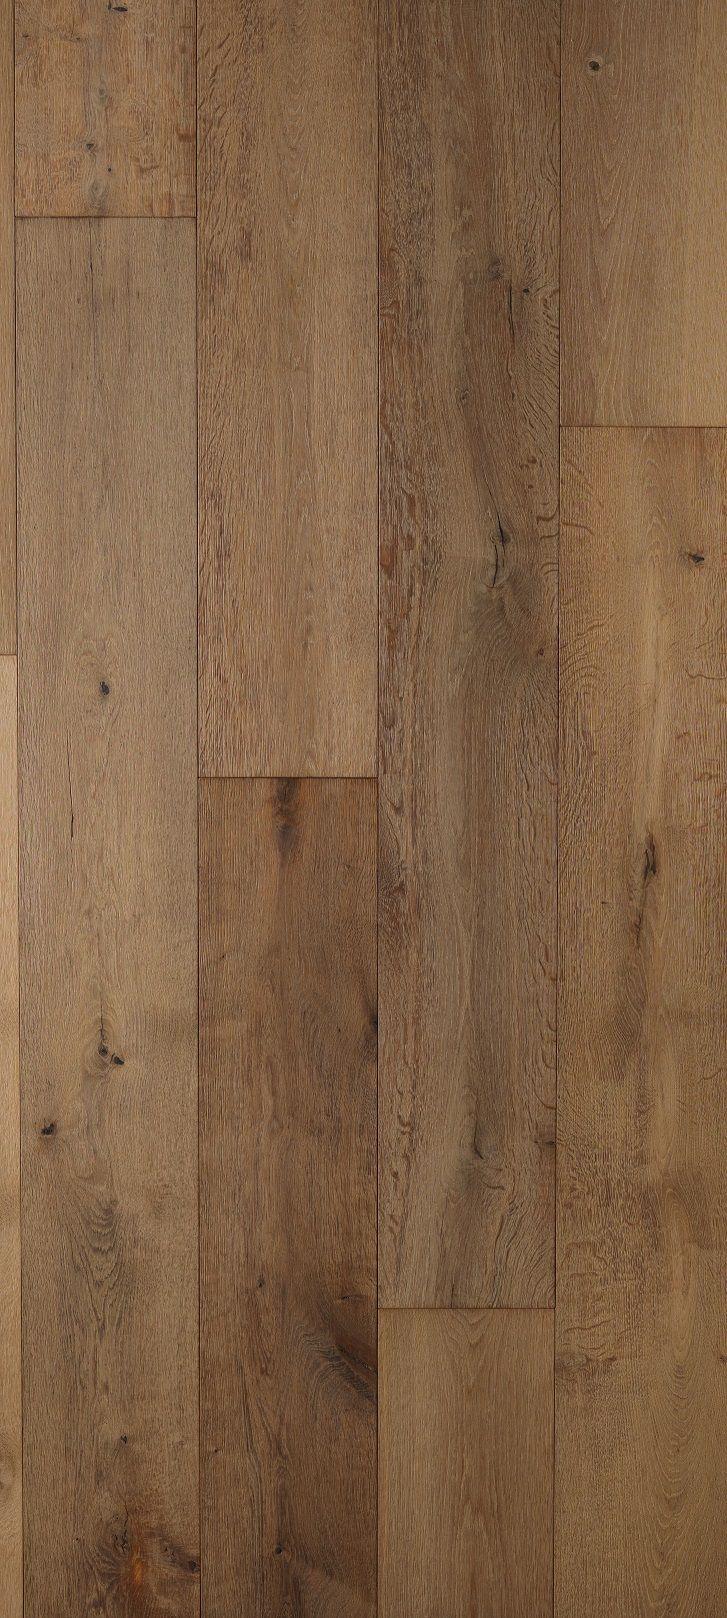 Authentiek verouderde eiken duoplank, gerookt en naturel geolied. Bravoure collectie BORDIAN 24 cm breed